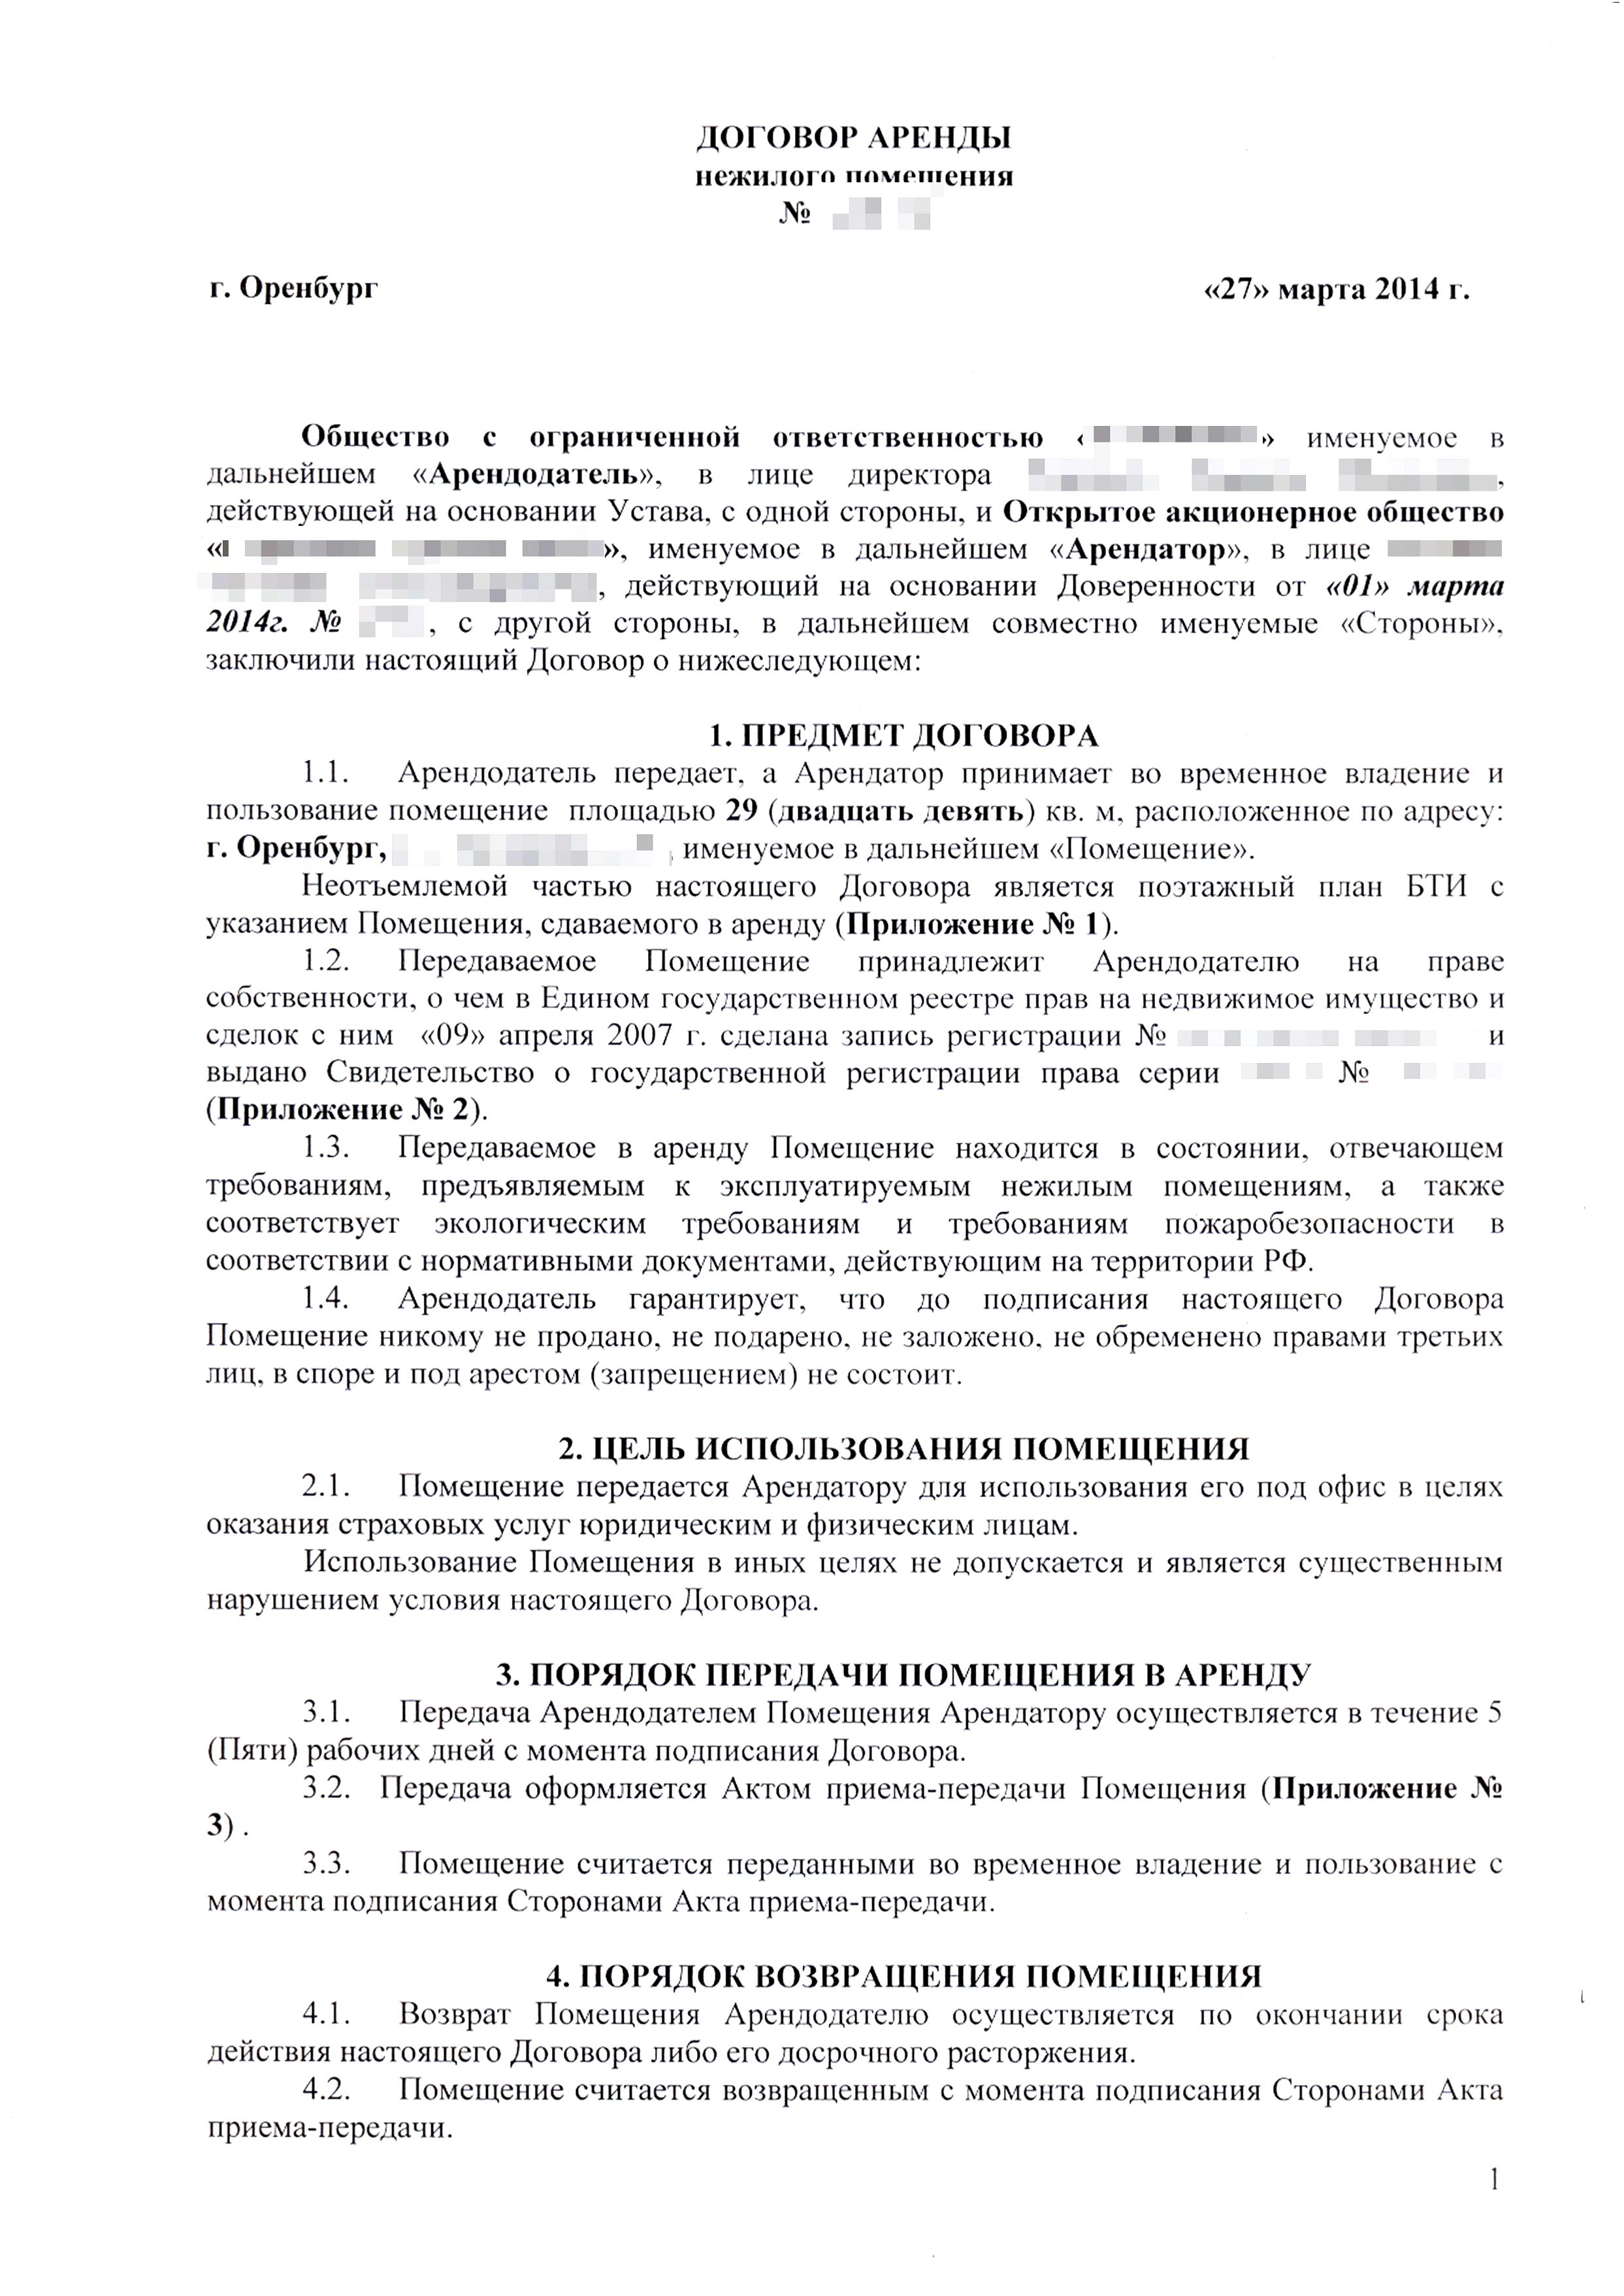 Пример договора аренды недвижимого имущества и передаточного акта